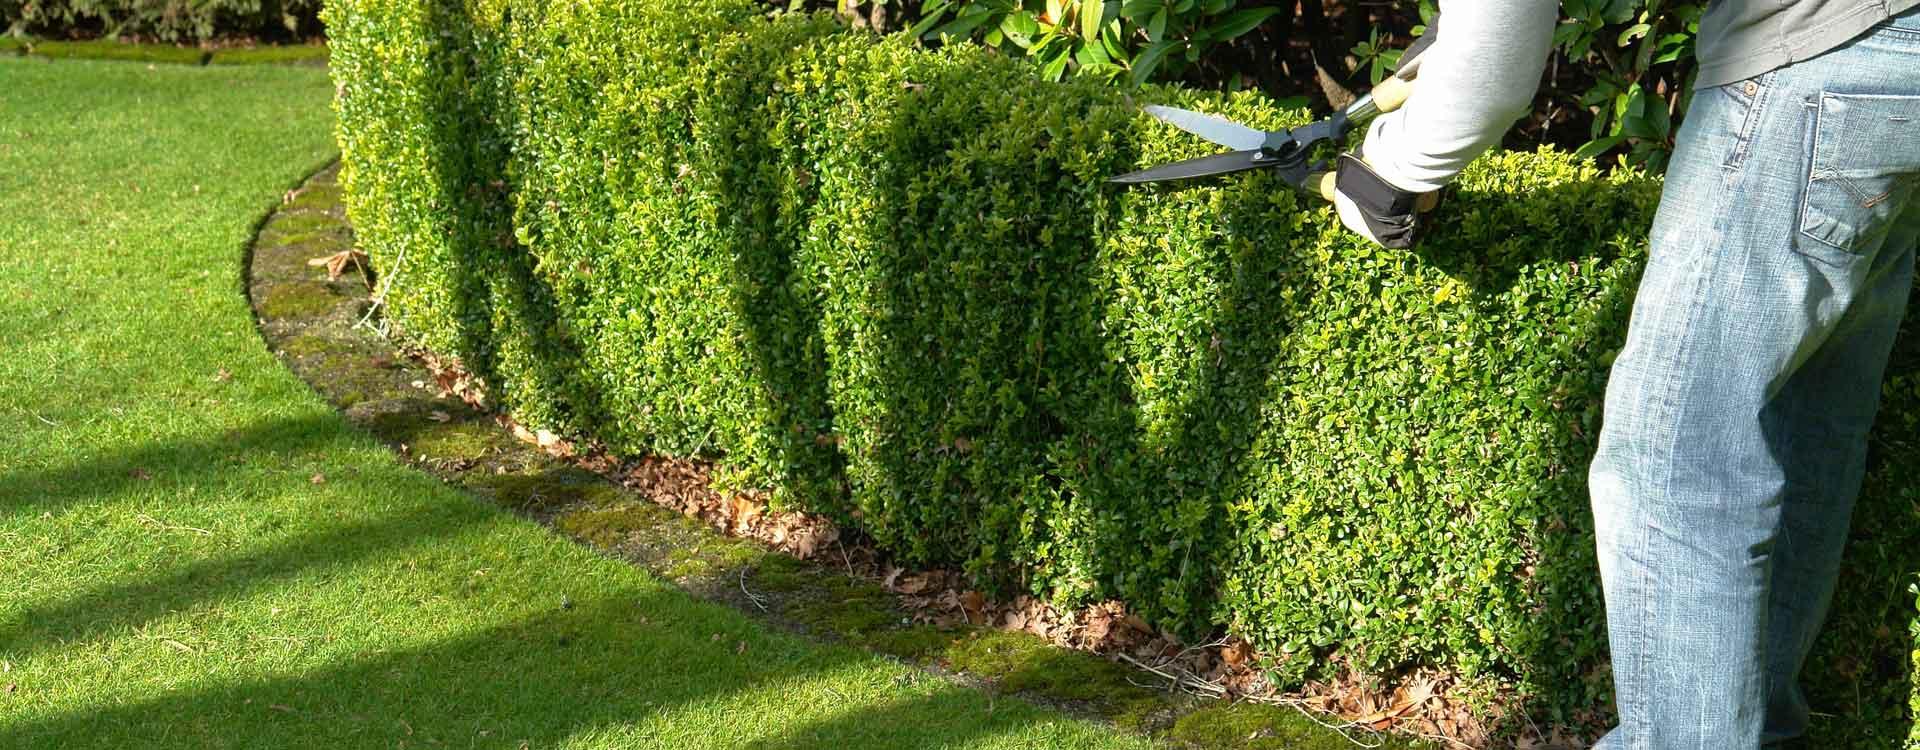 L'importance de l'entretien du jardin